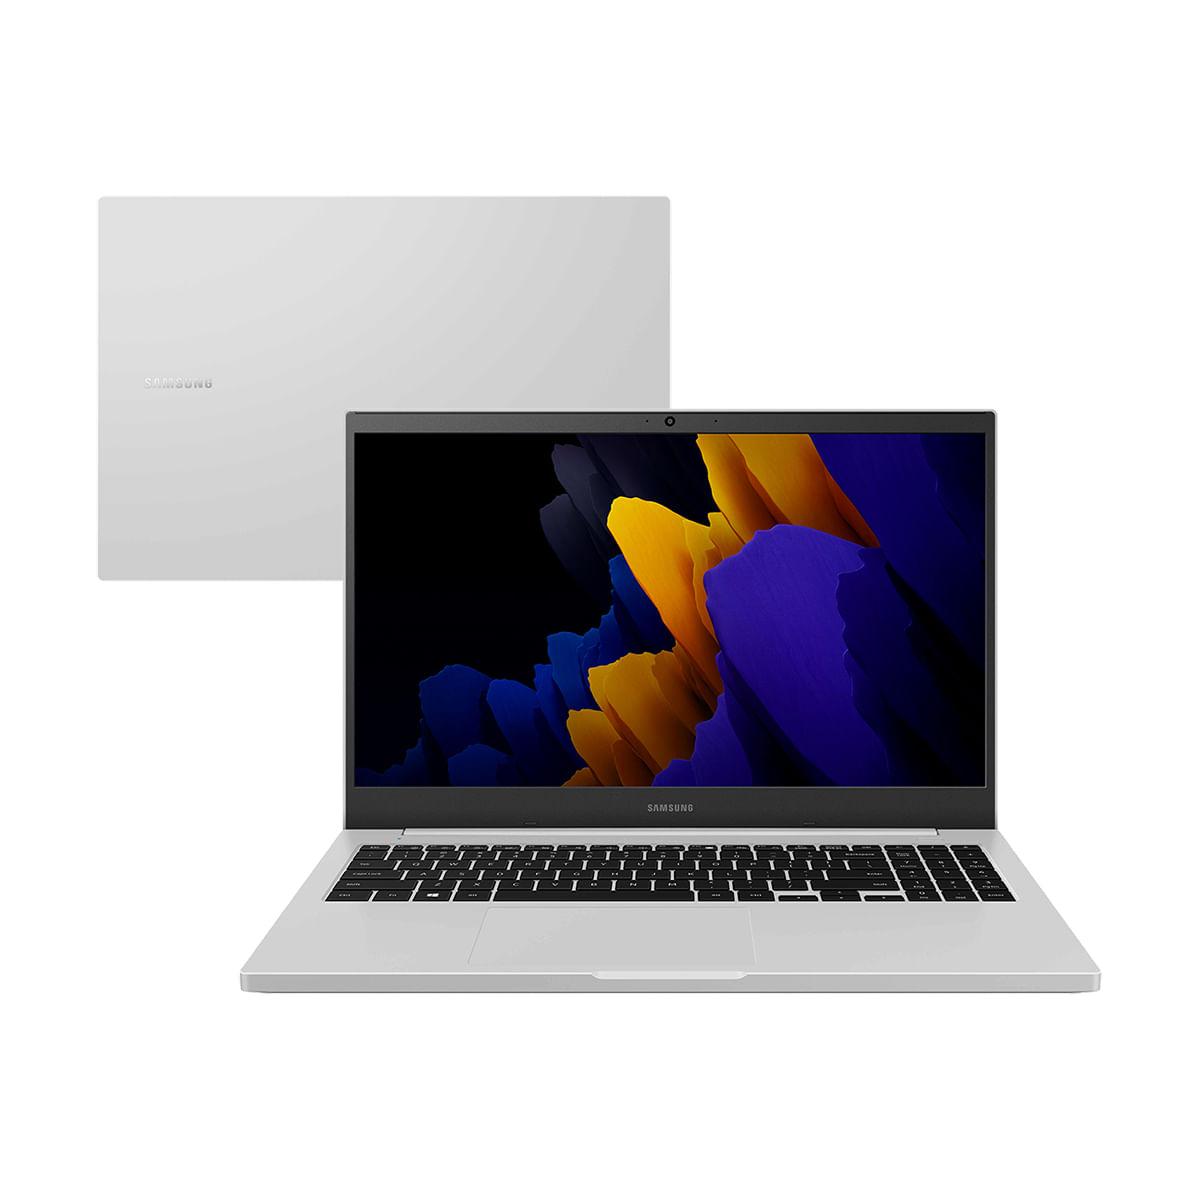 Imagem de Notebook Samsung Book E20 Celeron 6305 4GB 500GB 15.6